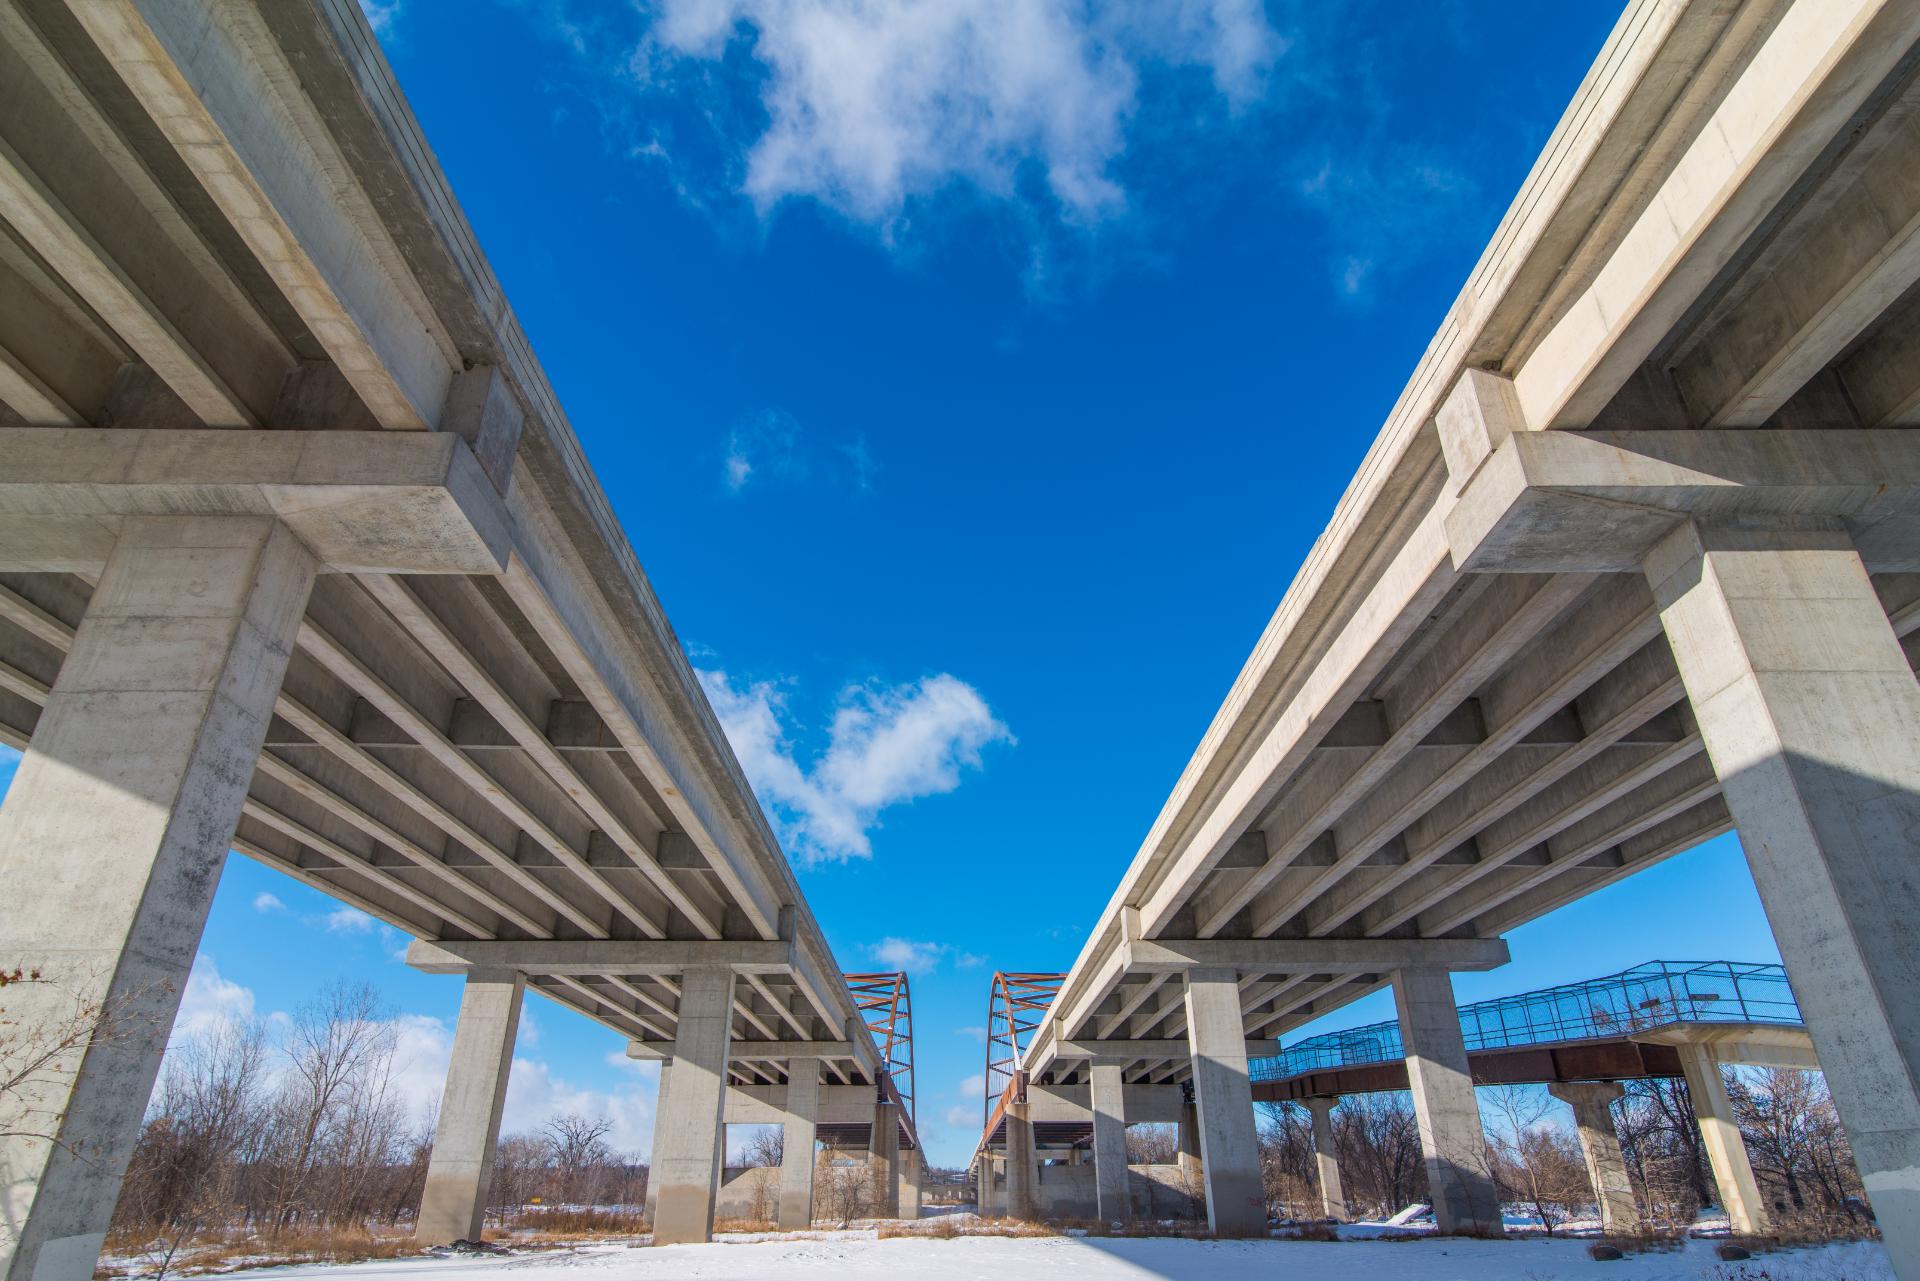 two concrete bridges